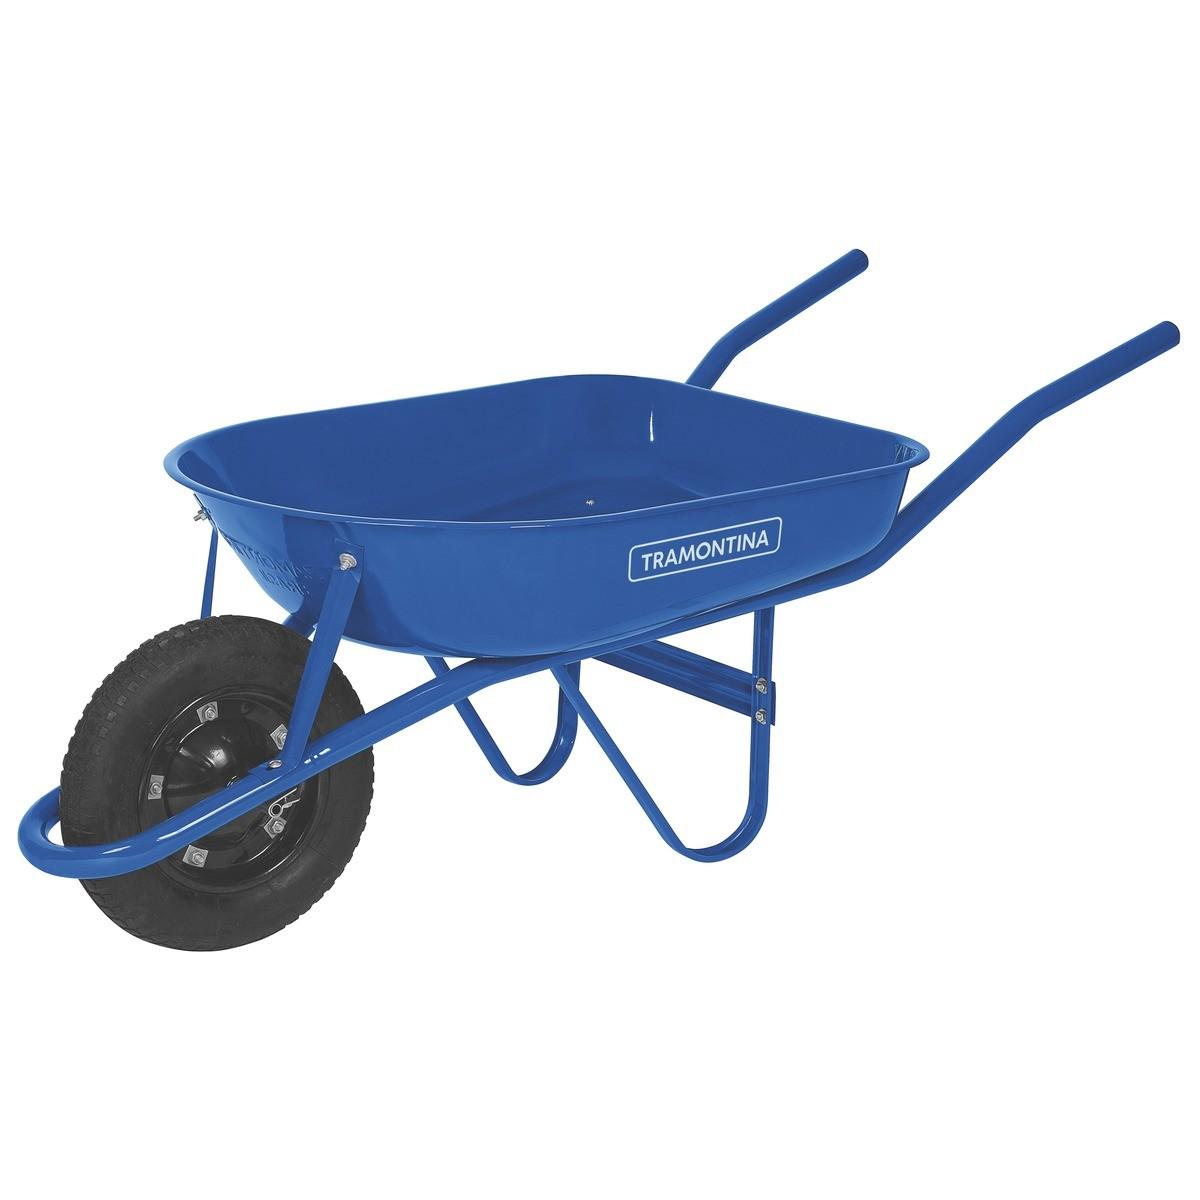 Carrinho de Mao Azul Braco Metalico 77704432 - Tramontina